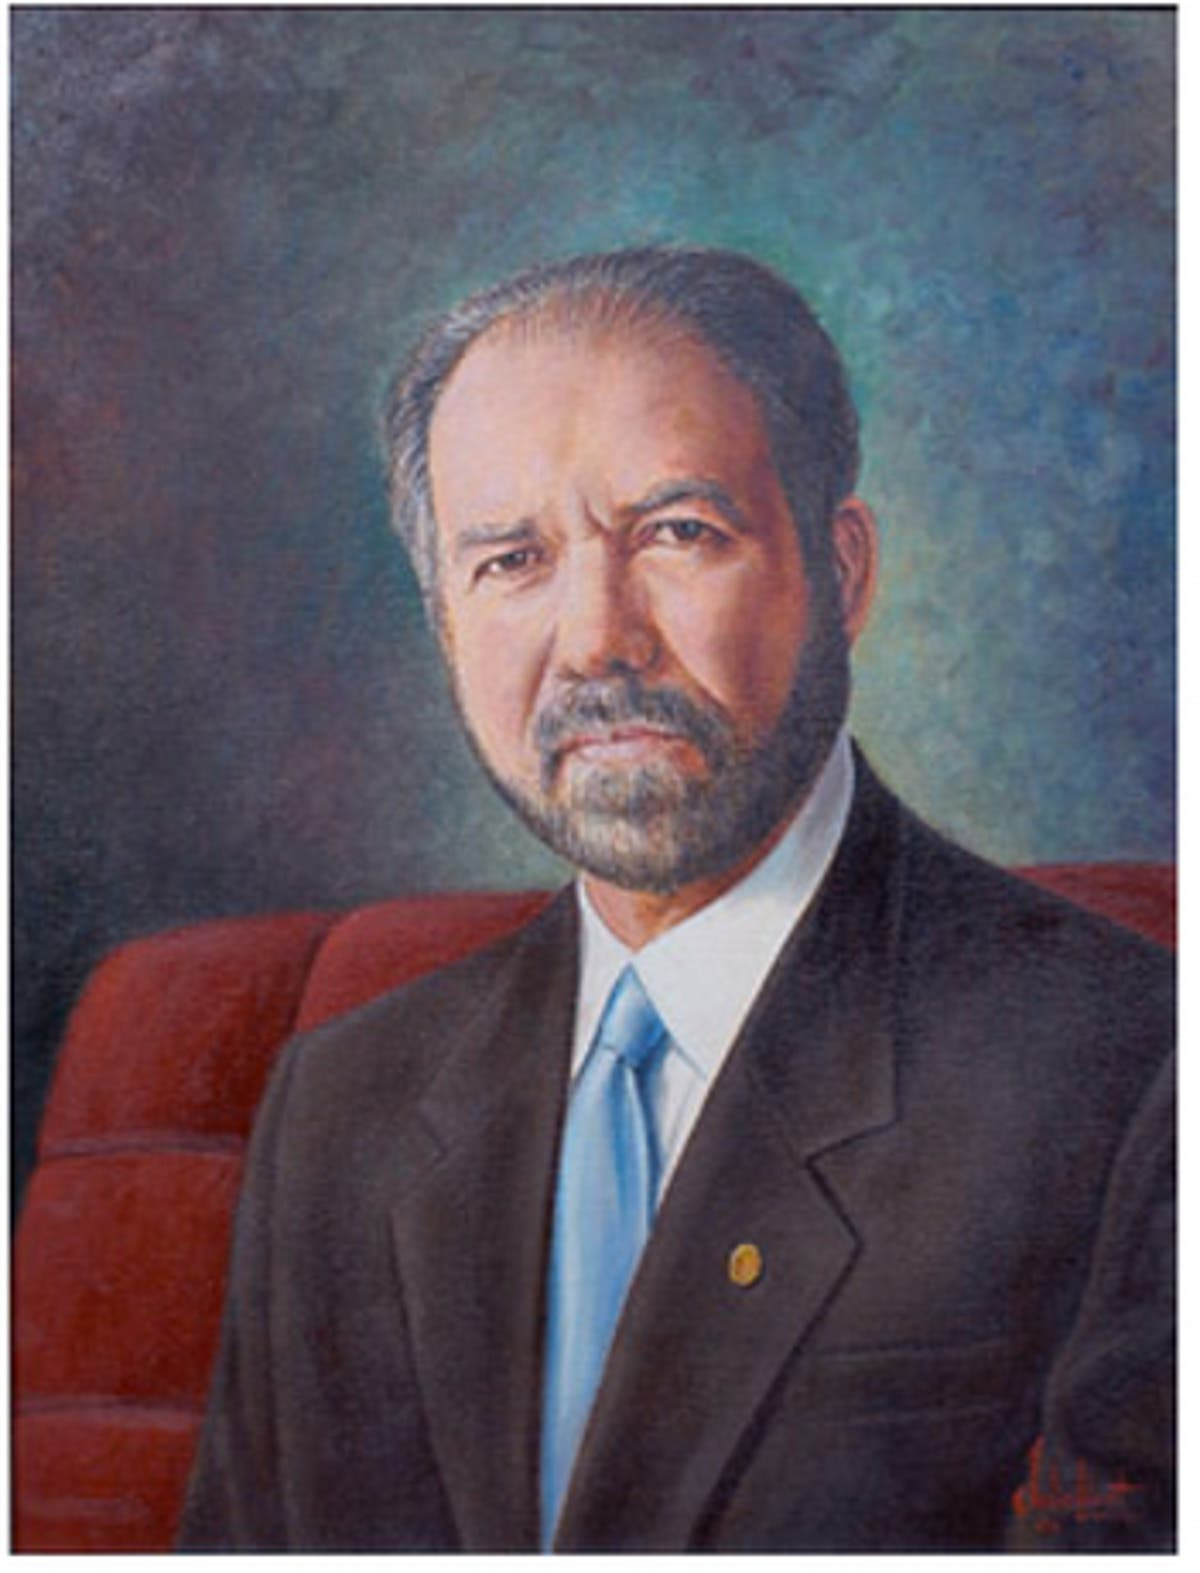 Instituciones y personalidades de la política lamentan la muerte de Frank Guerrero Prats